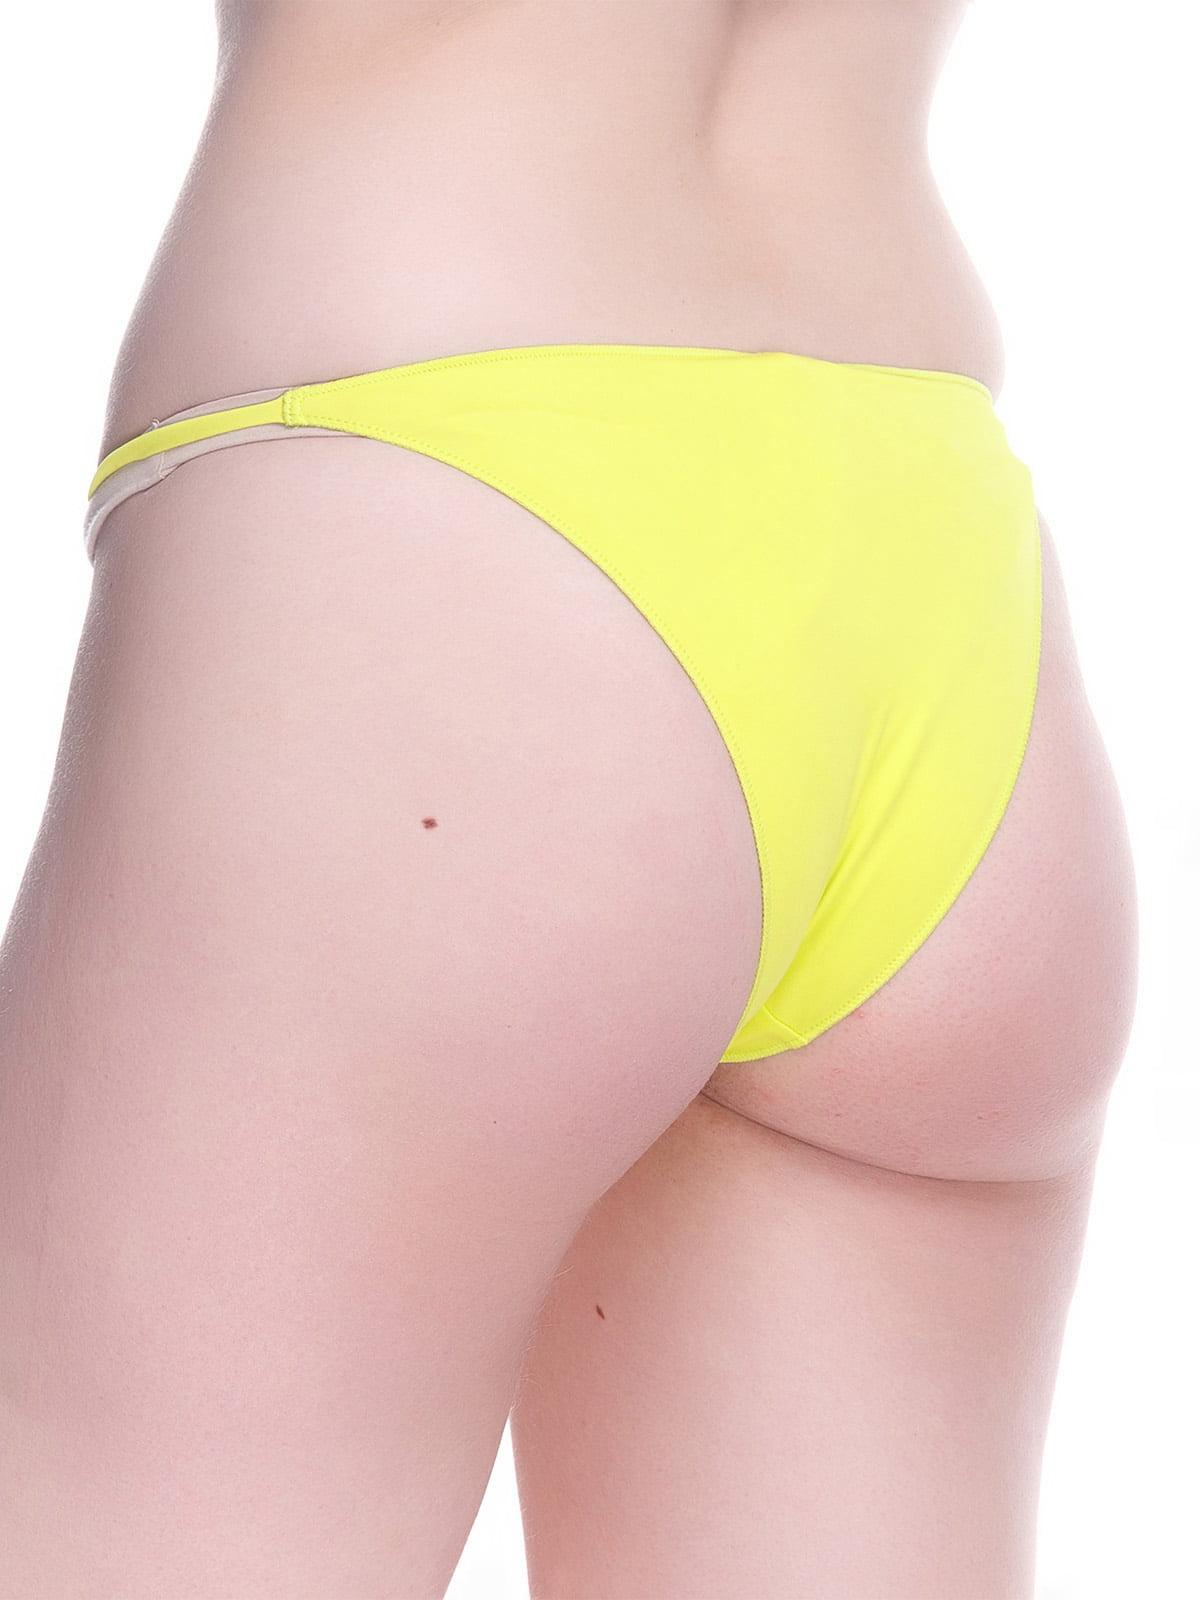 Труси жовті купальні | 4180288 | фото 2